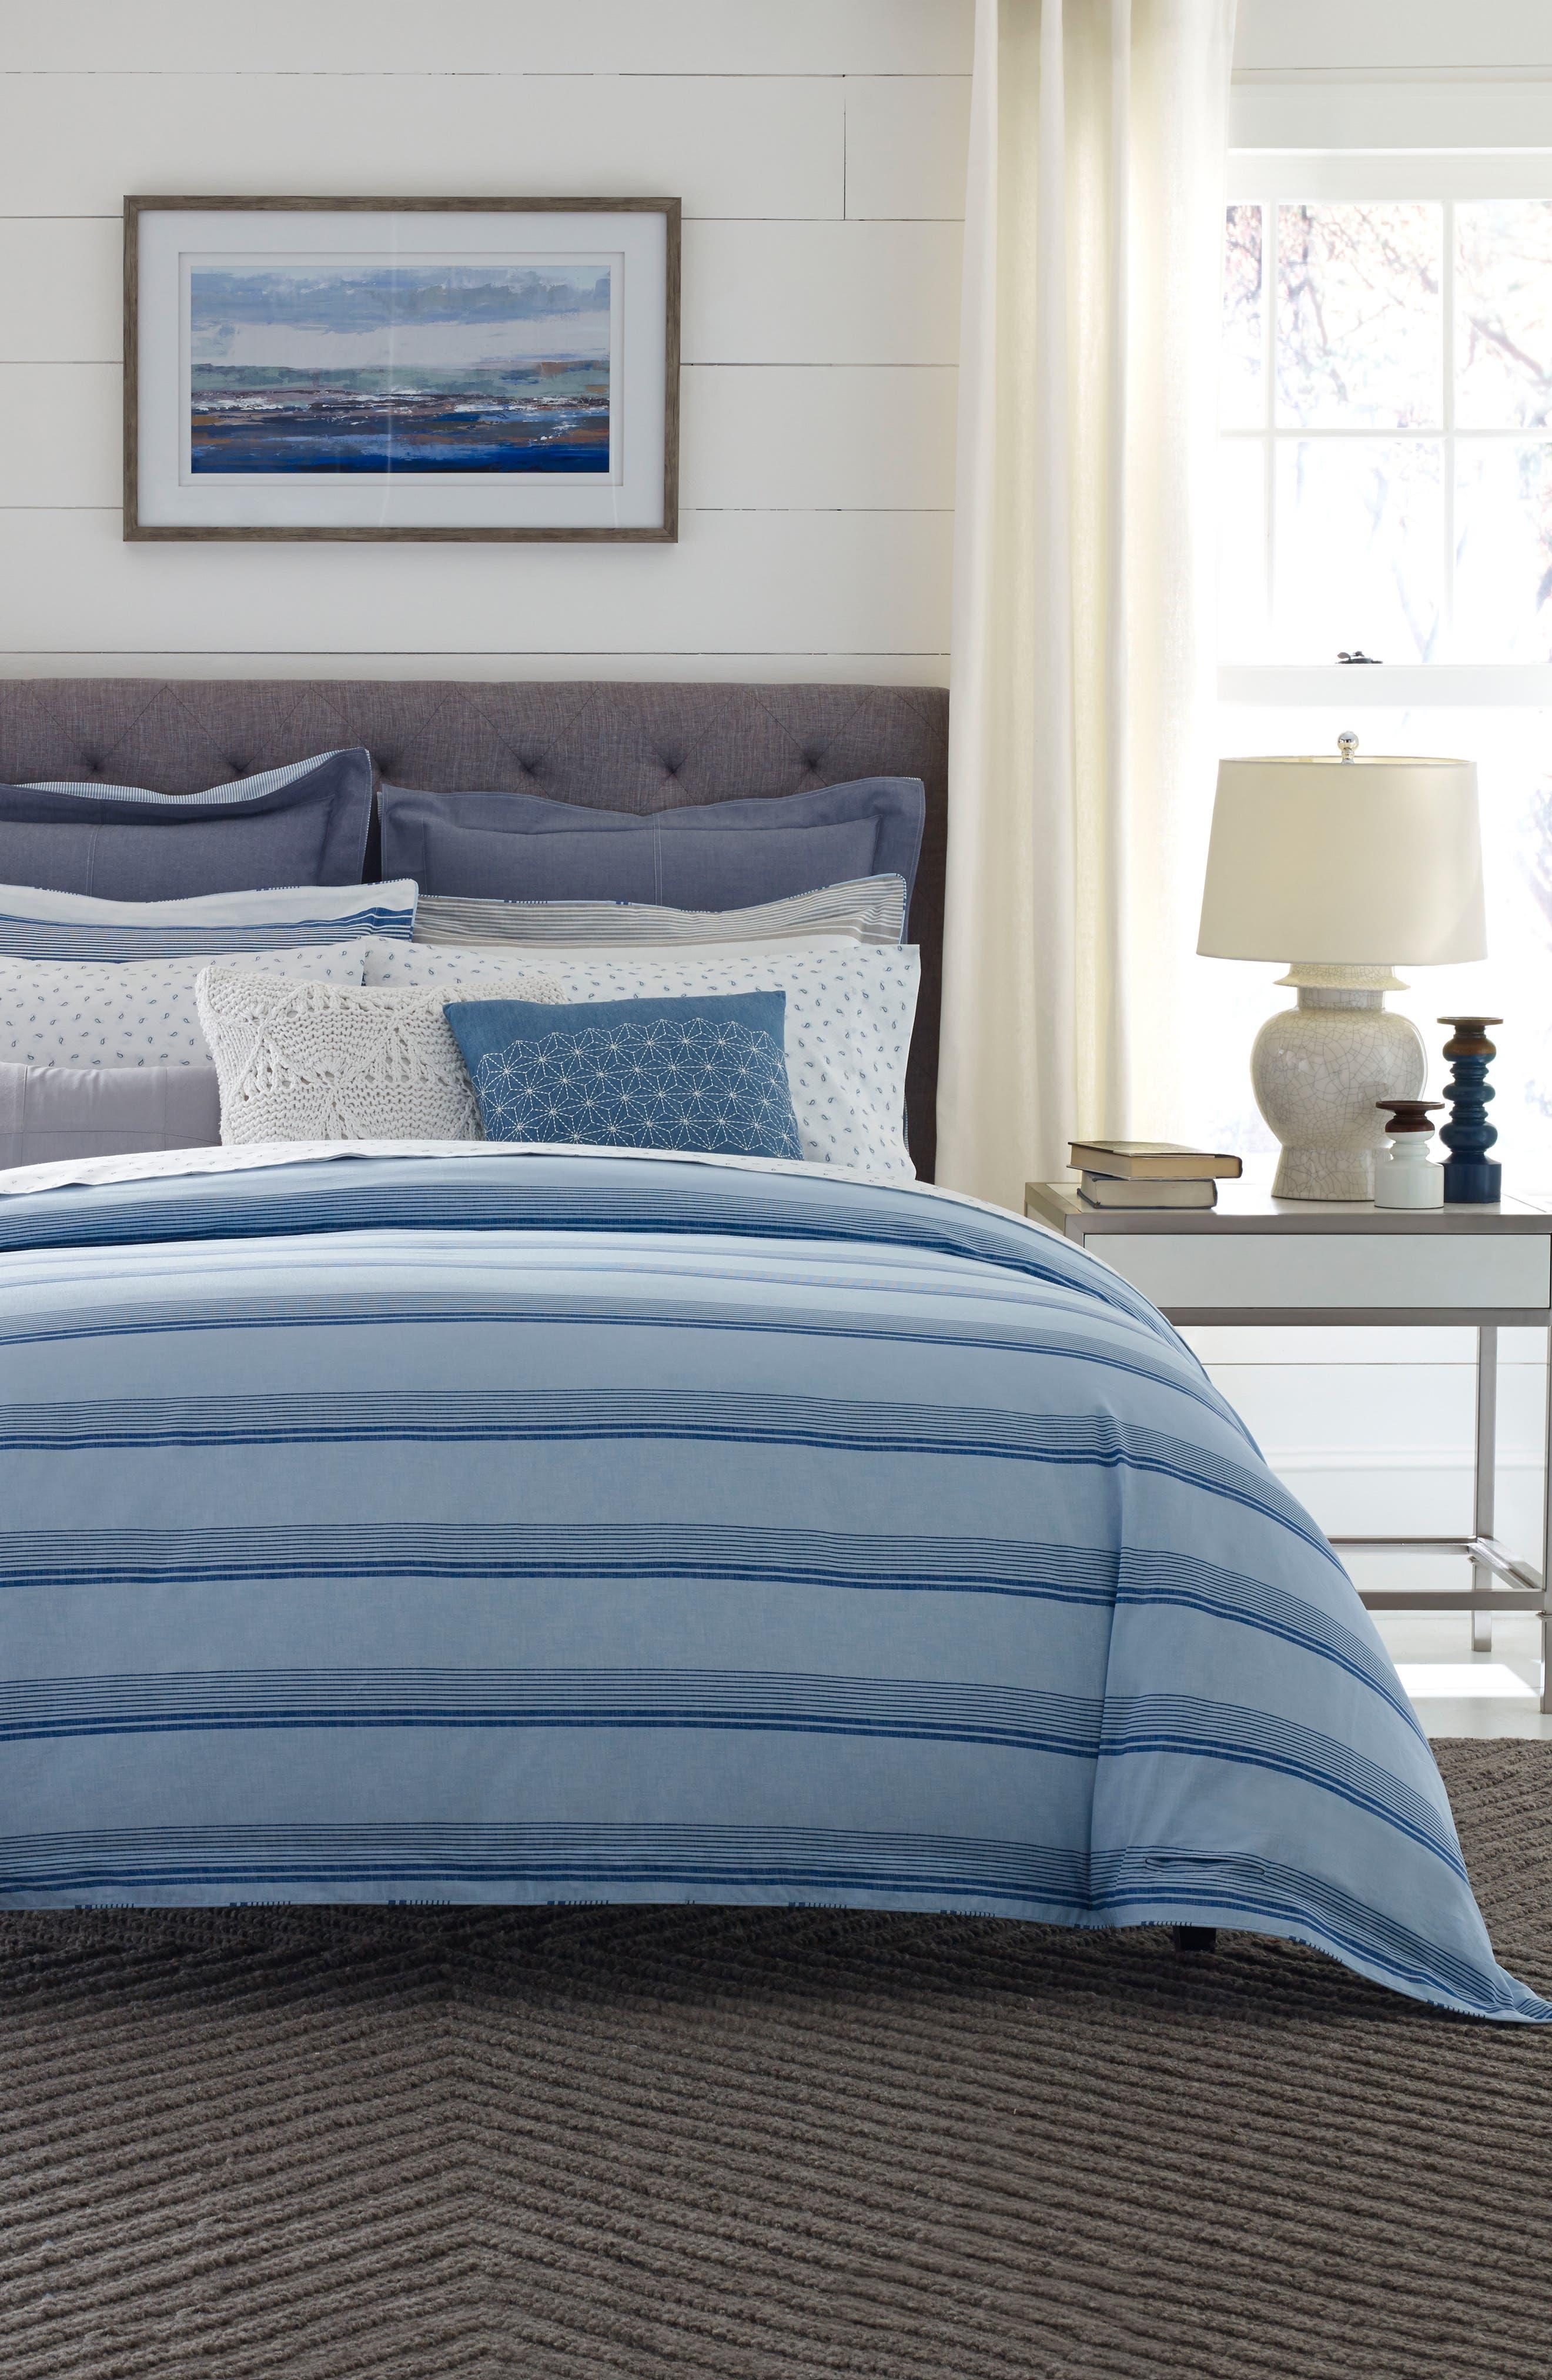 TOMMY HILFIGER,                             Westbourne Stripe Comforter & Sham Set,                             Alternate thumbnail 2, color,                             400